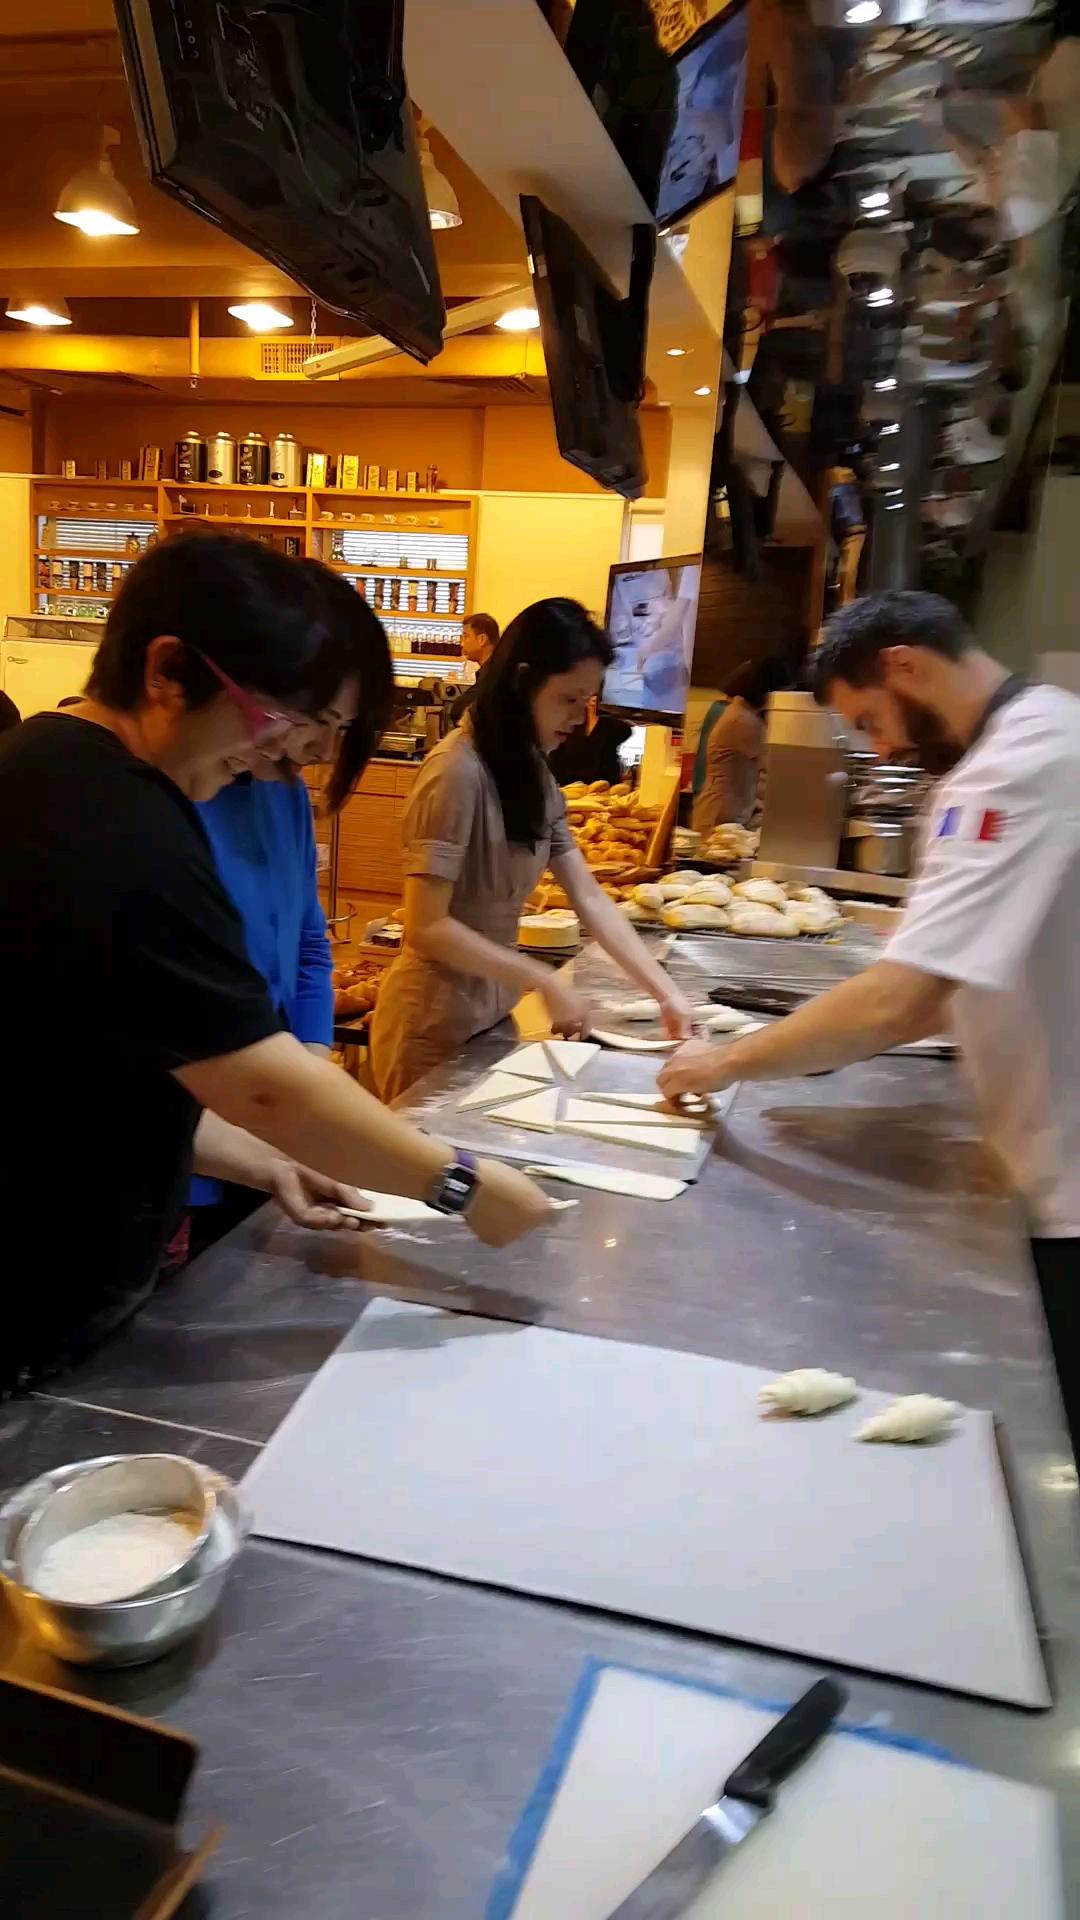 2017-09-21 Bonniesoso的影片今天去看做法國牛角包和其他法式麵包